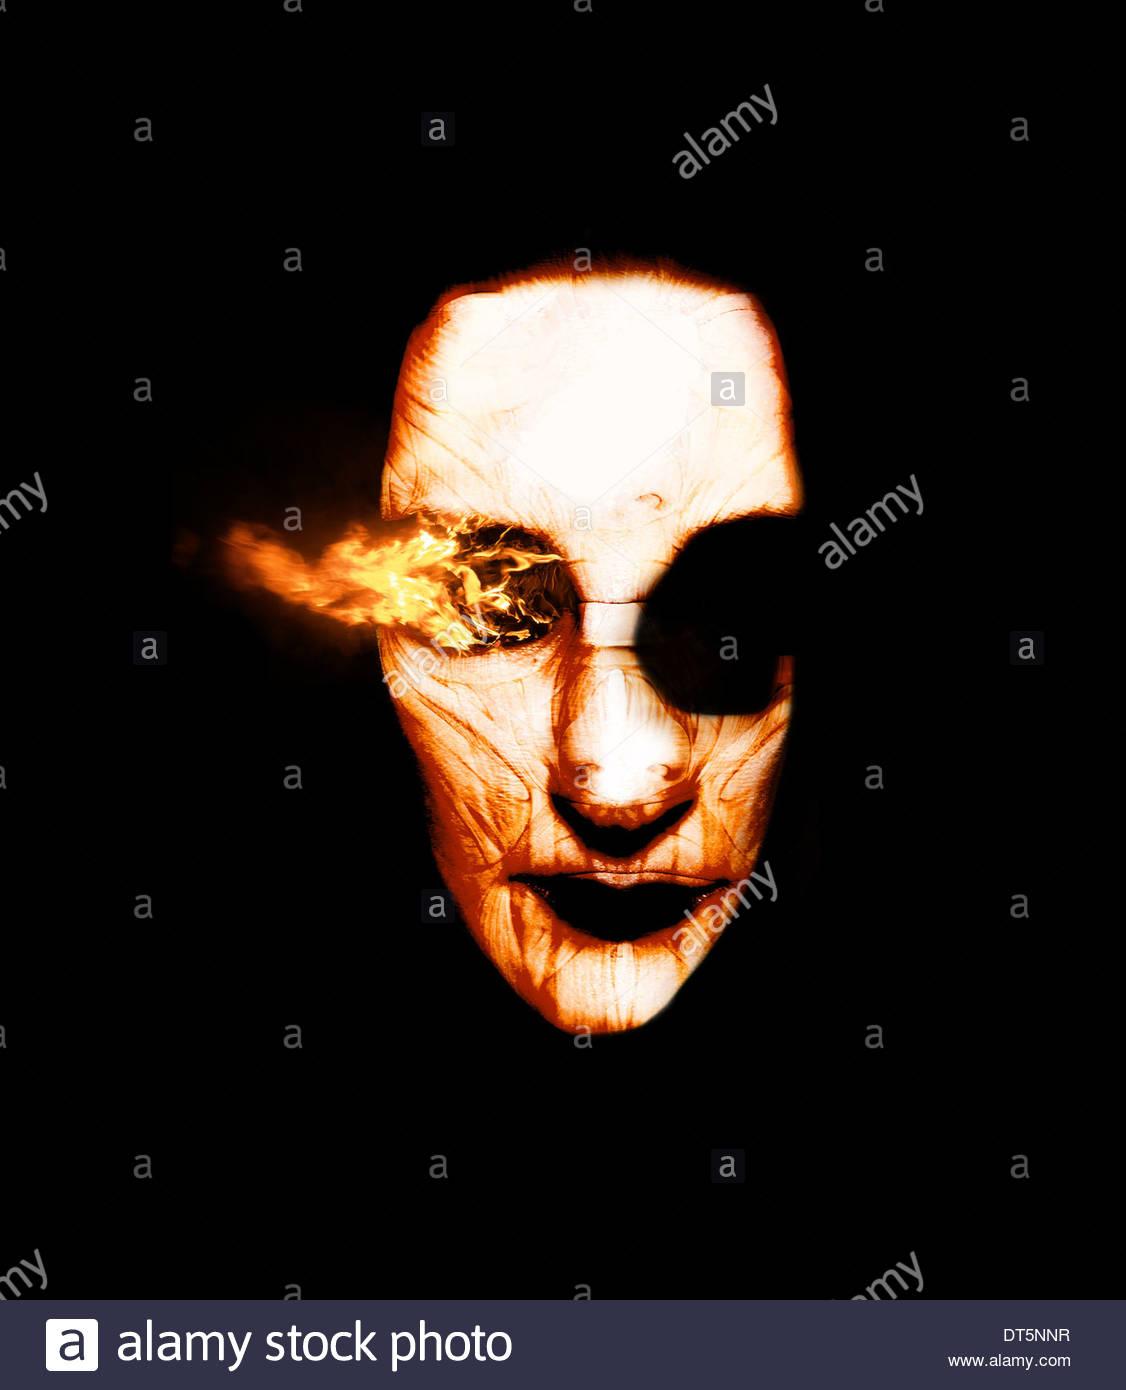 Visions de Feu à partir de l'oeil d'une tête brûlée sorciers dans une apparition effrayante Photo Stock